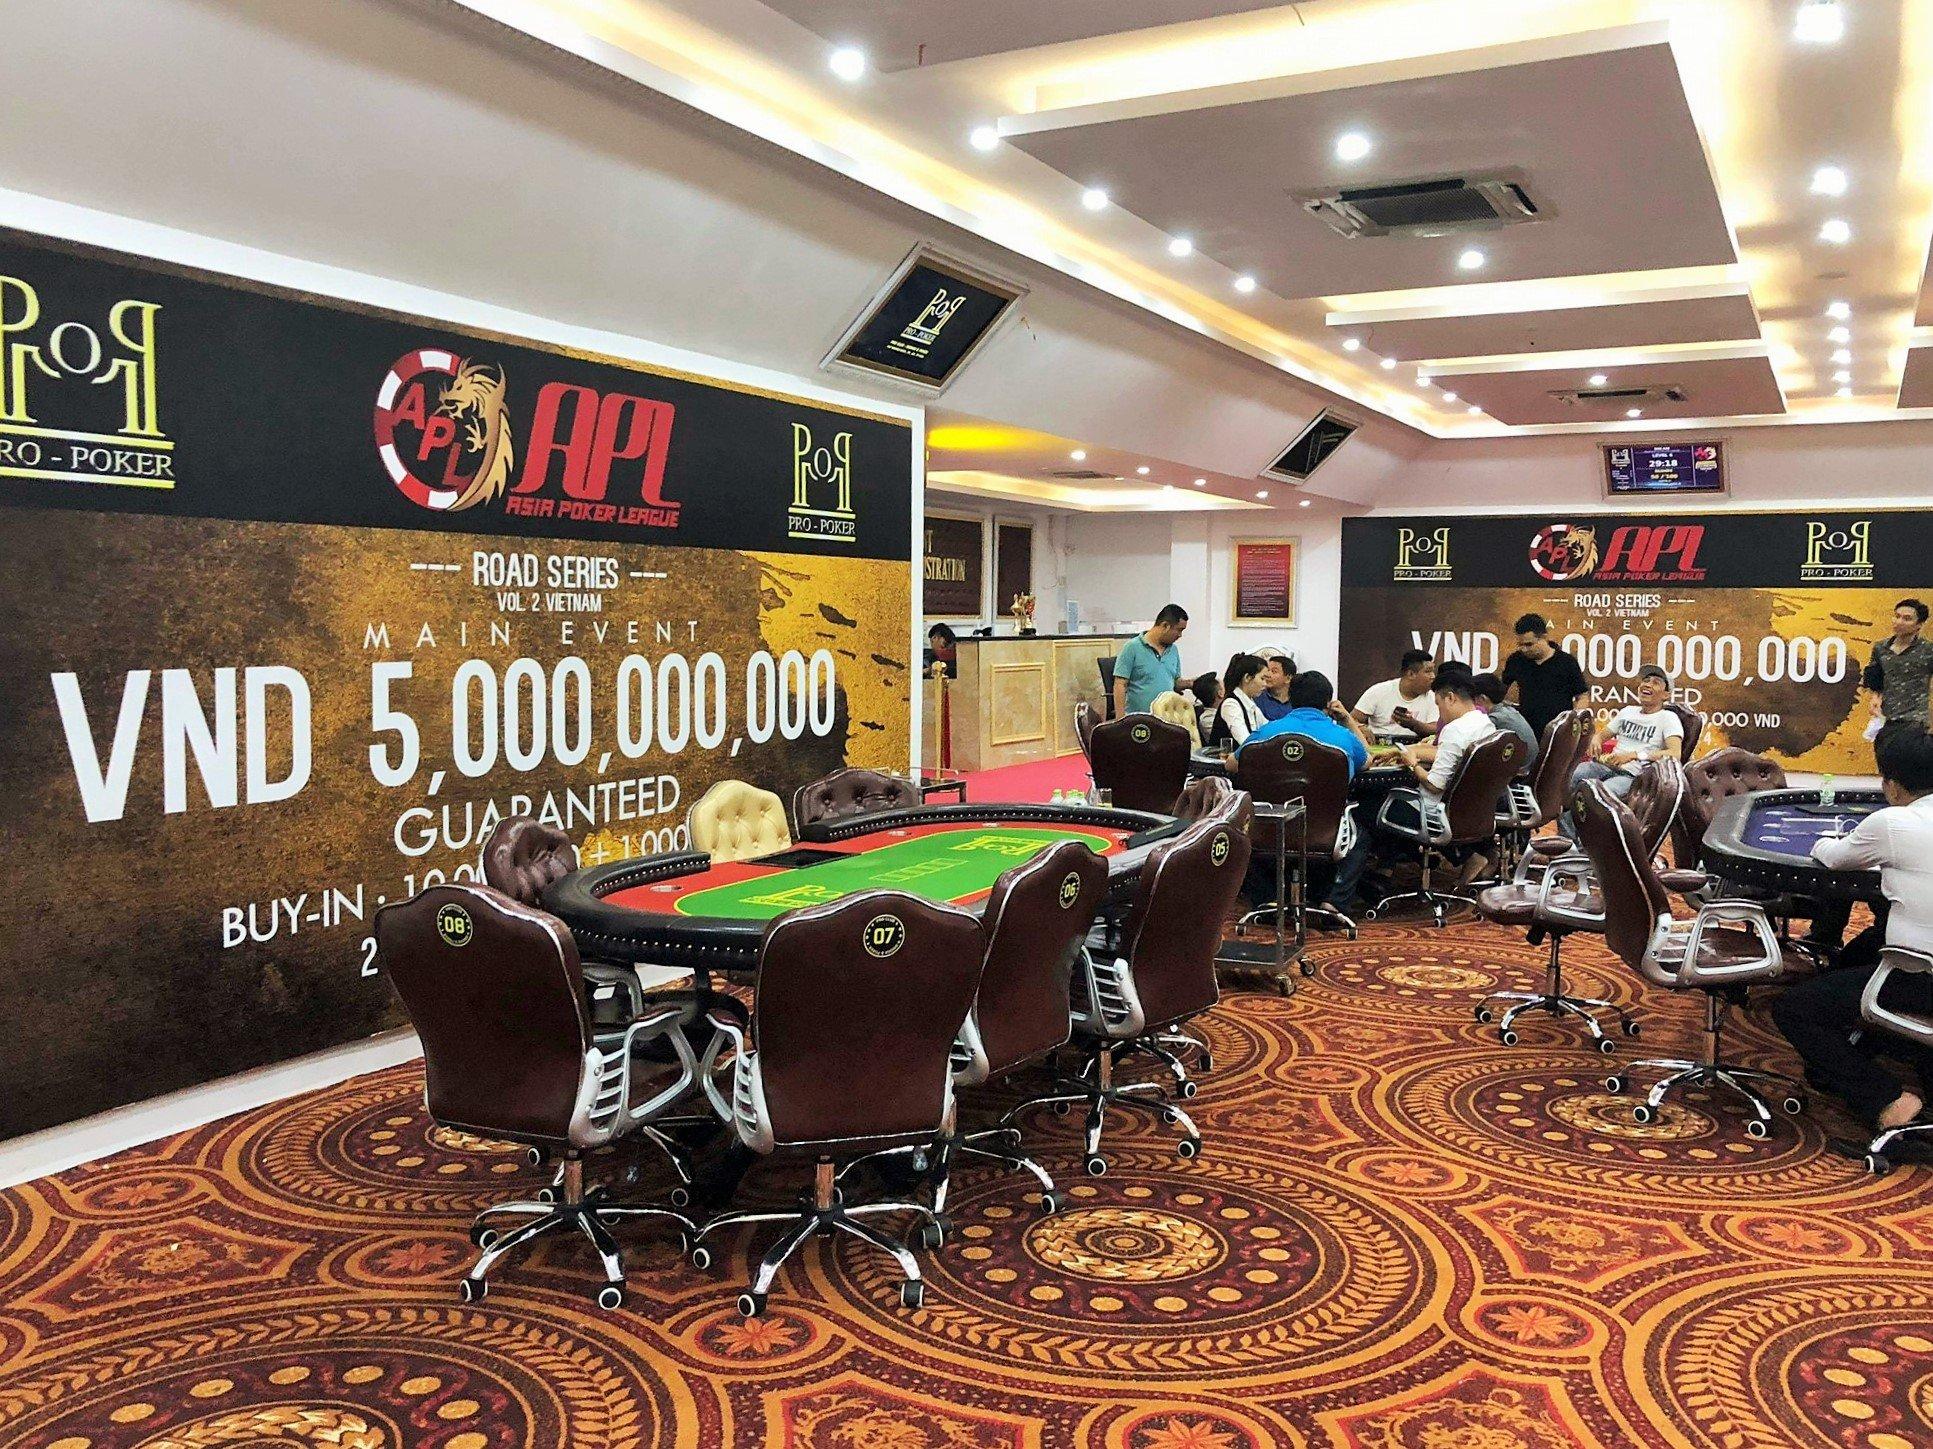 Asia Poker League (APL) announces 5 Billion VND GTD Event in Vietnam